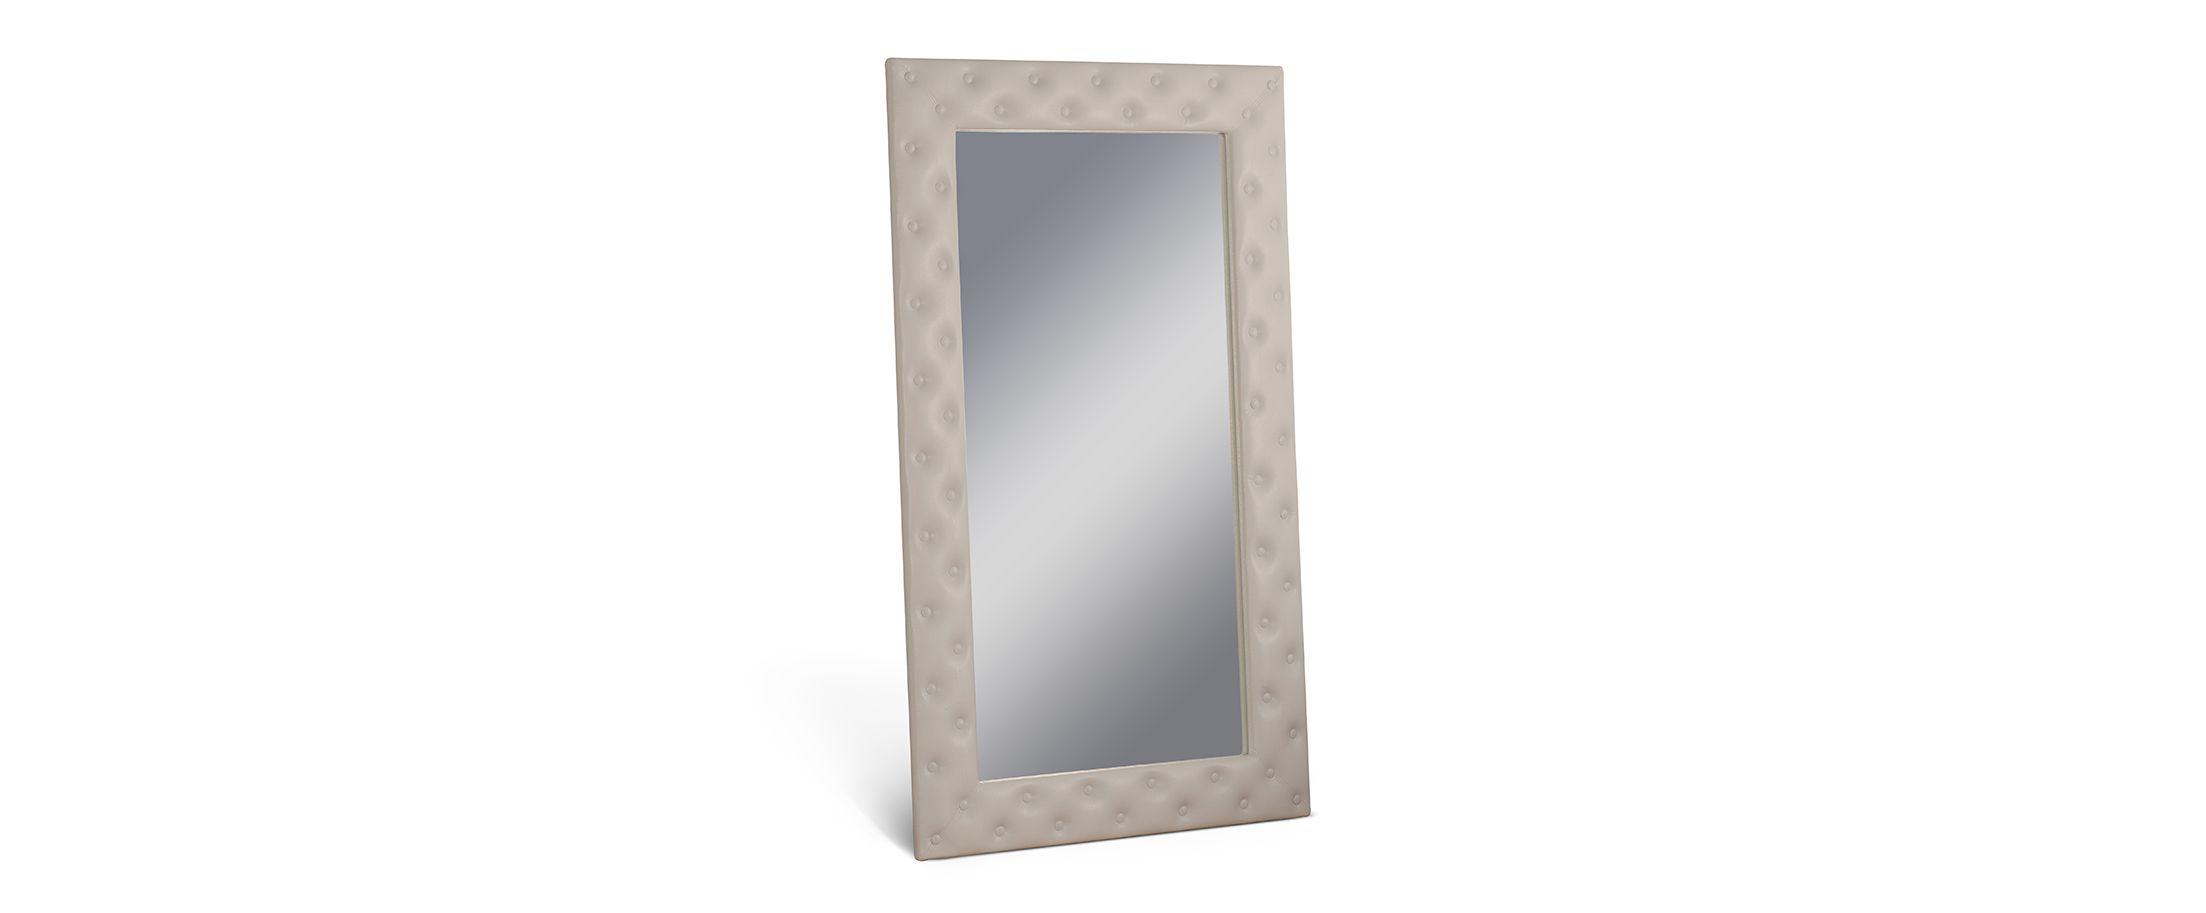 Зеркало Кааба большое с пуговицами суфле от MOON TRADE